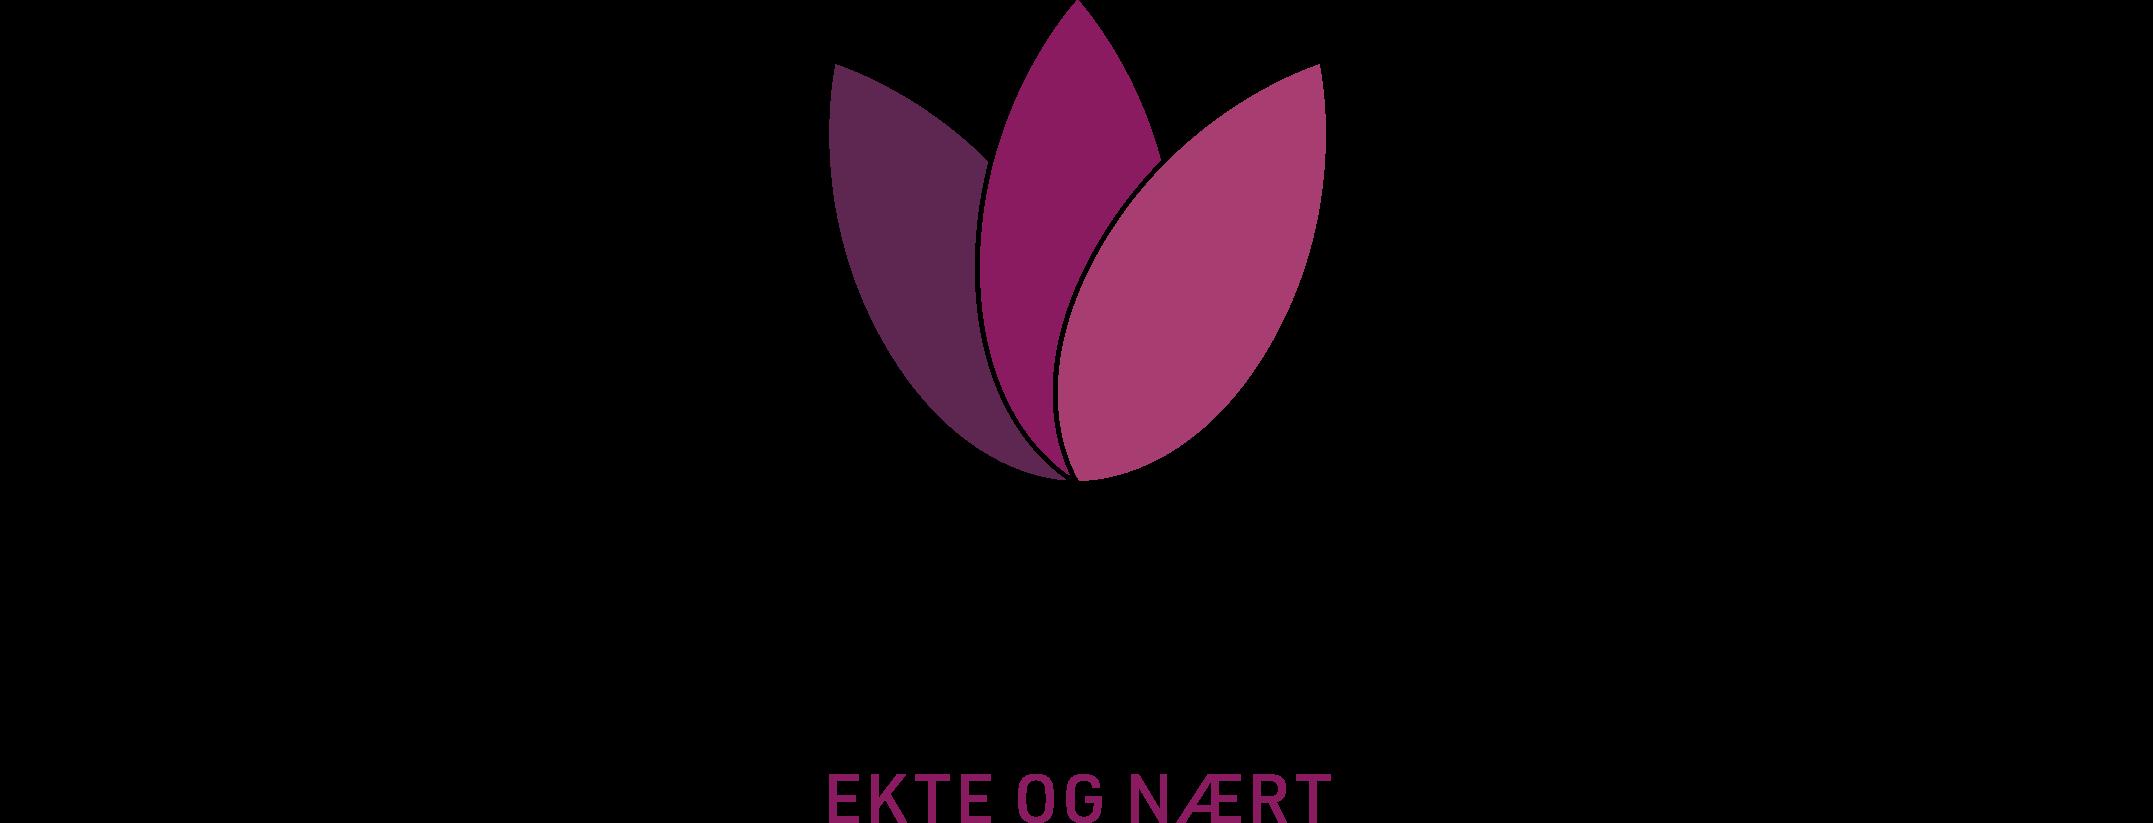 DLM_logo_RGB-3